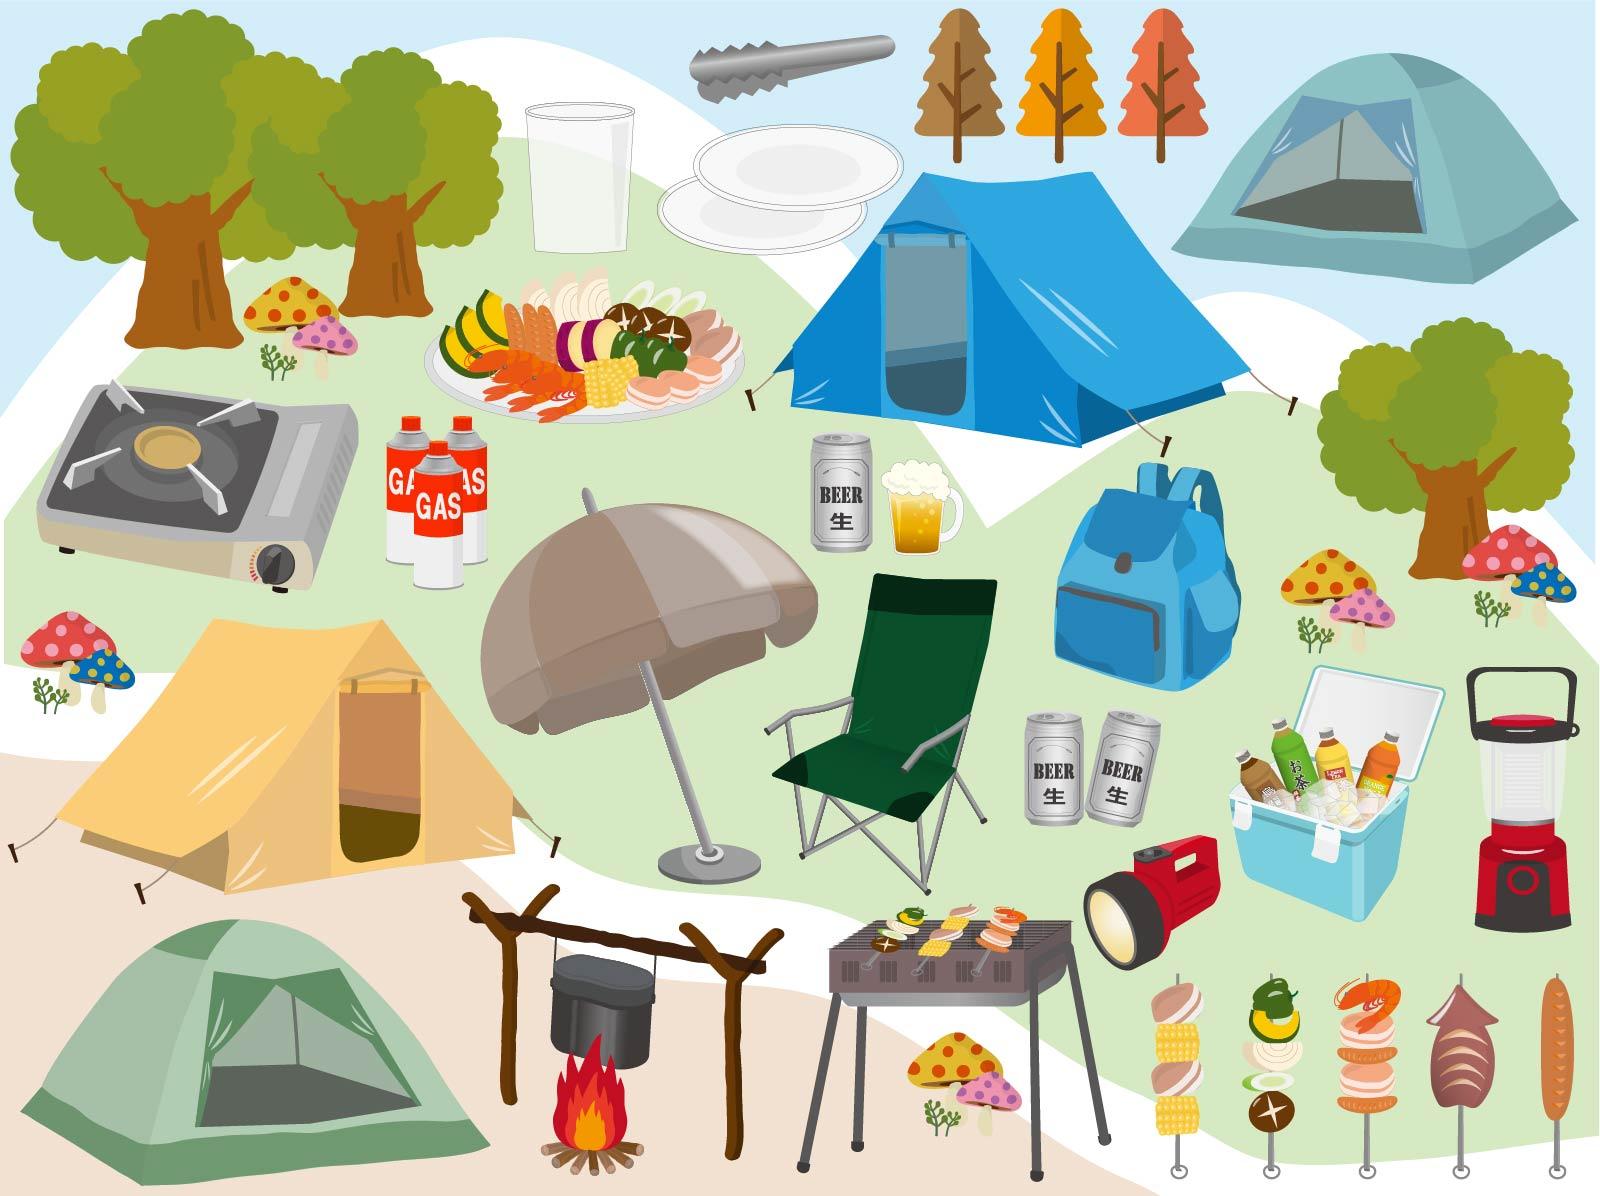 キャンプ用品はレンタルがおすすめの理由とは?